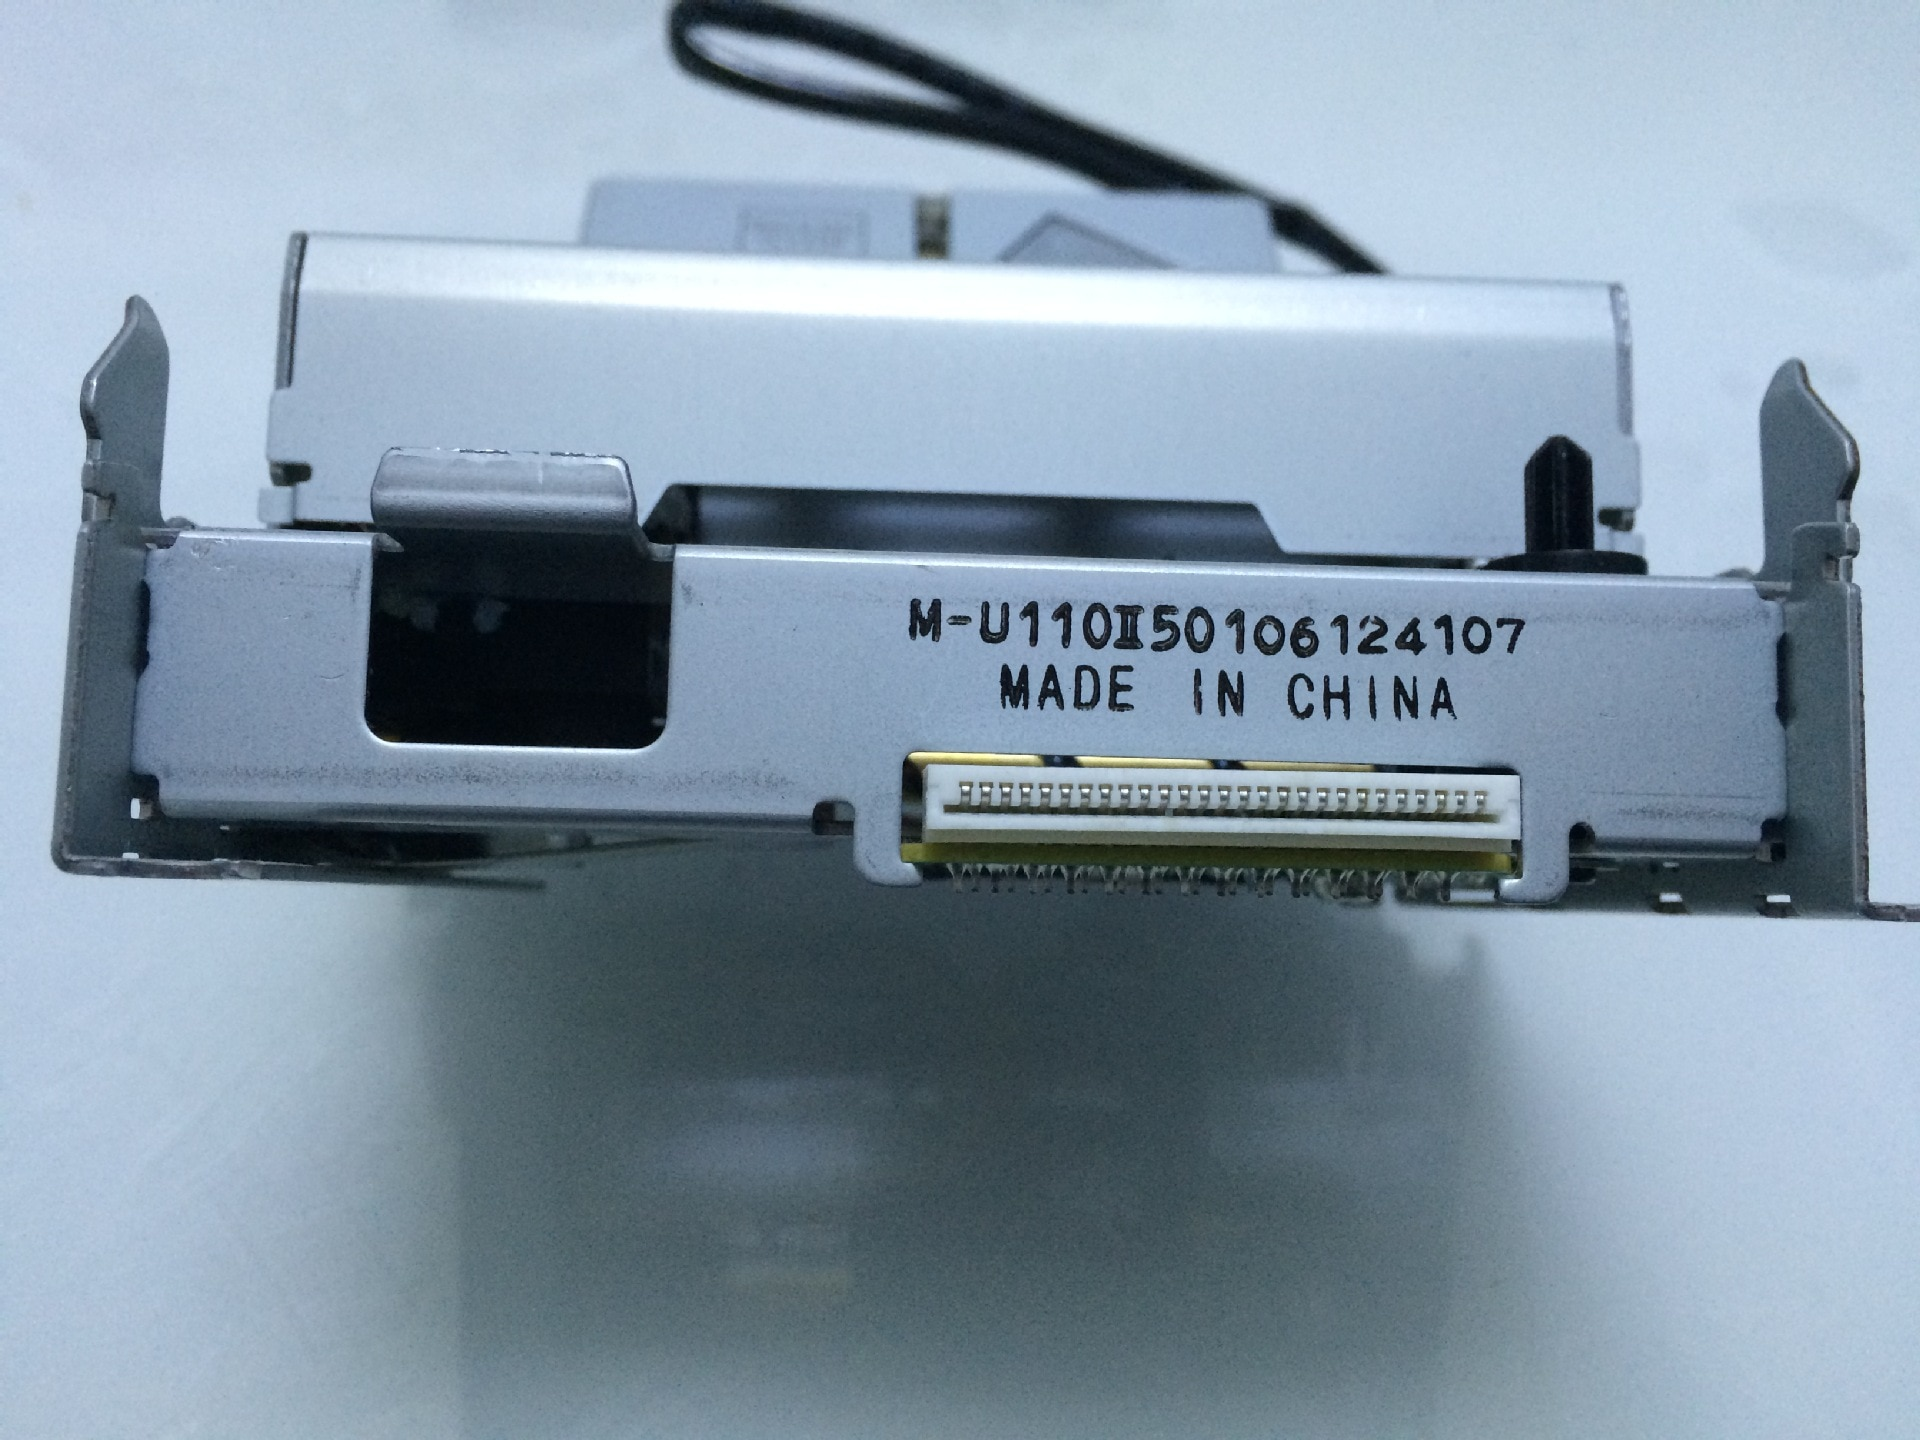 Thermal printer print head For Miniature 76mm dot matrix printer core M-U110II/III bill tax control printer core